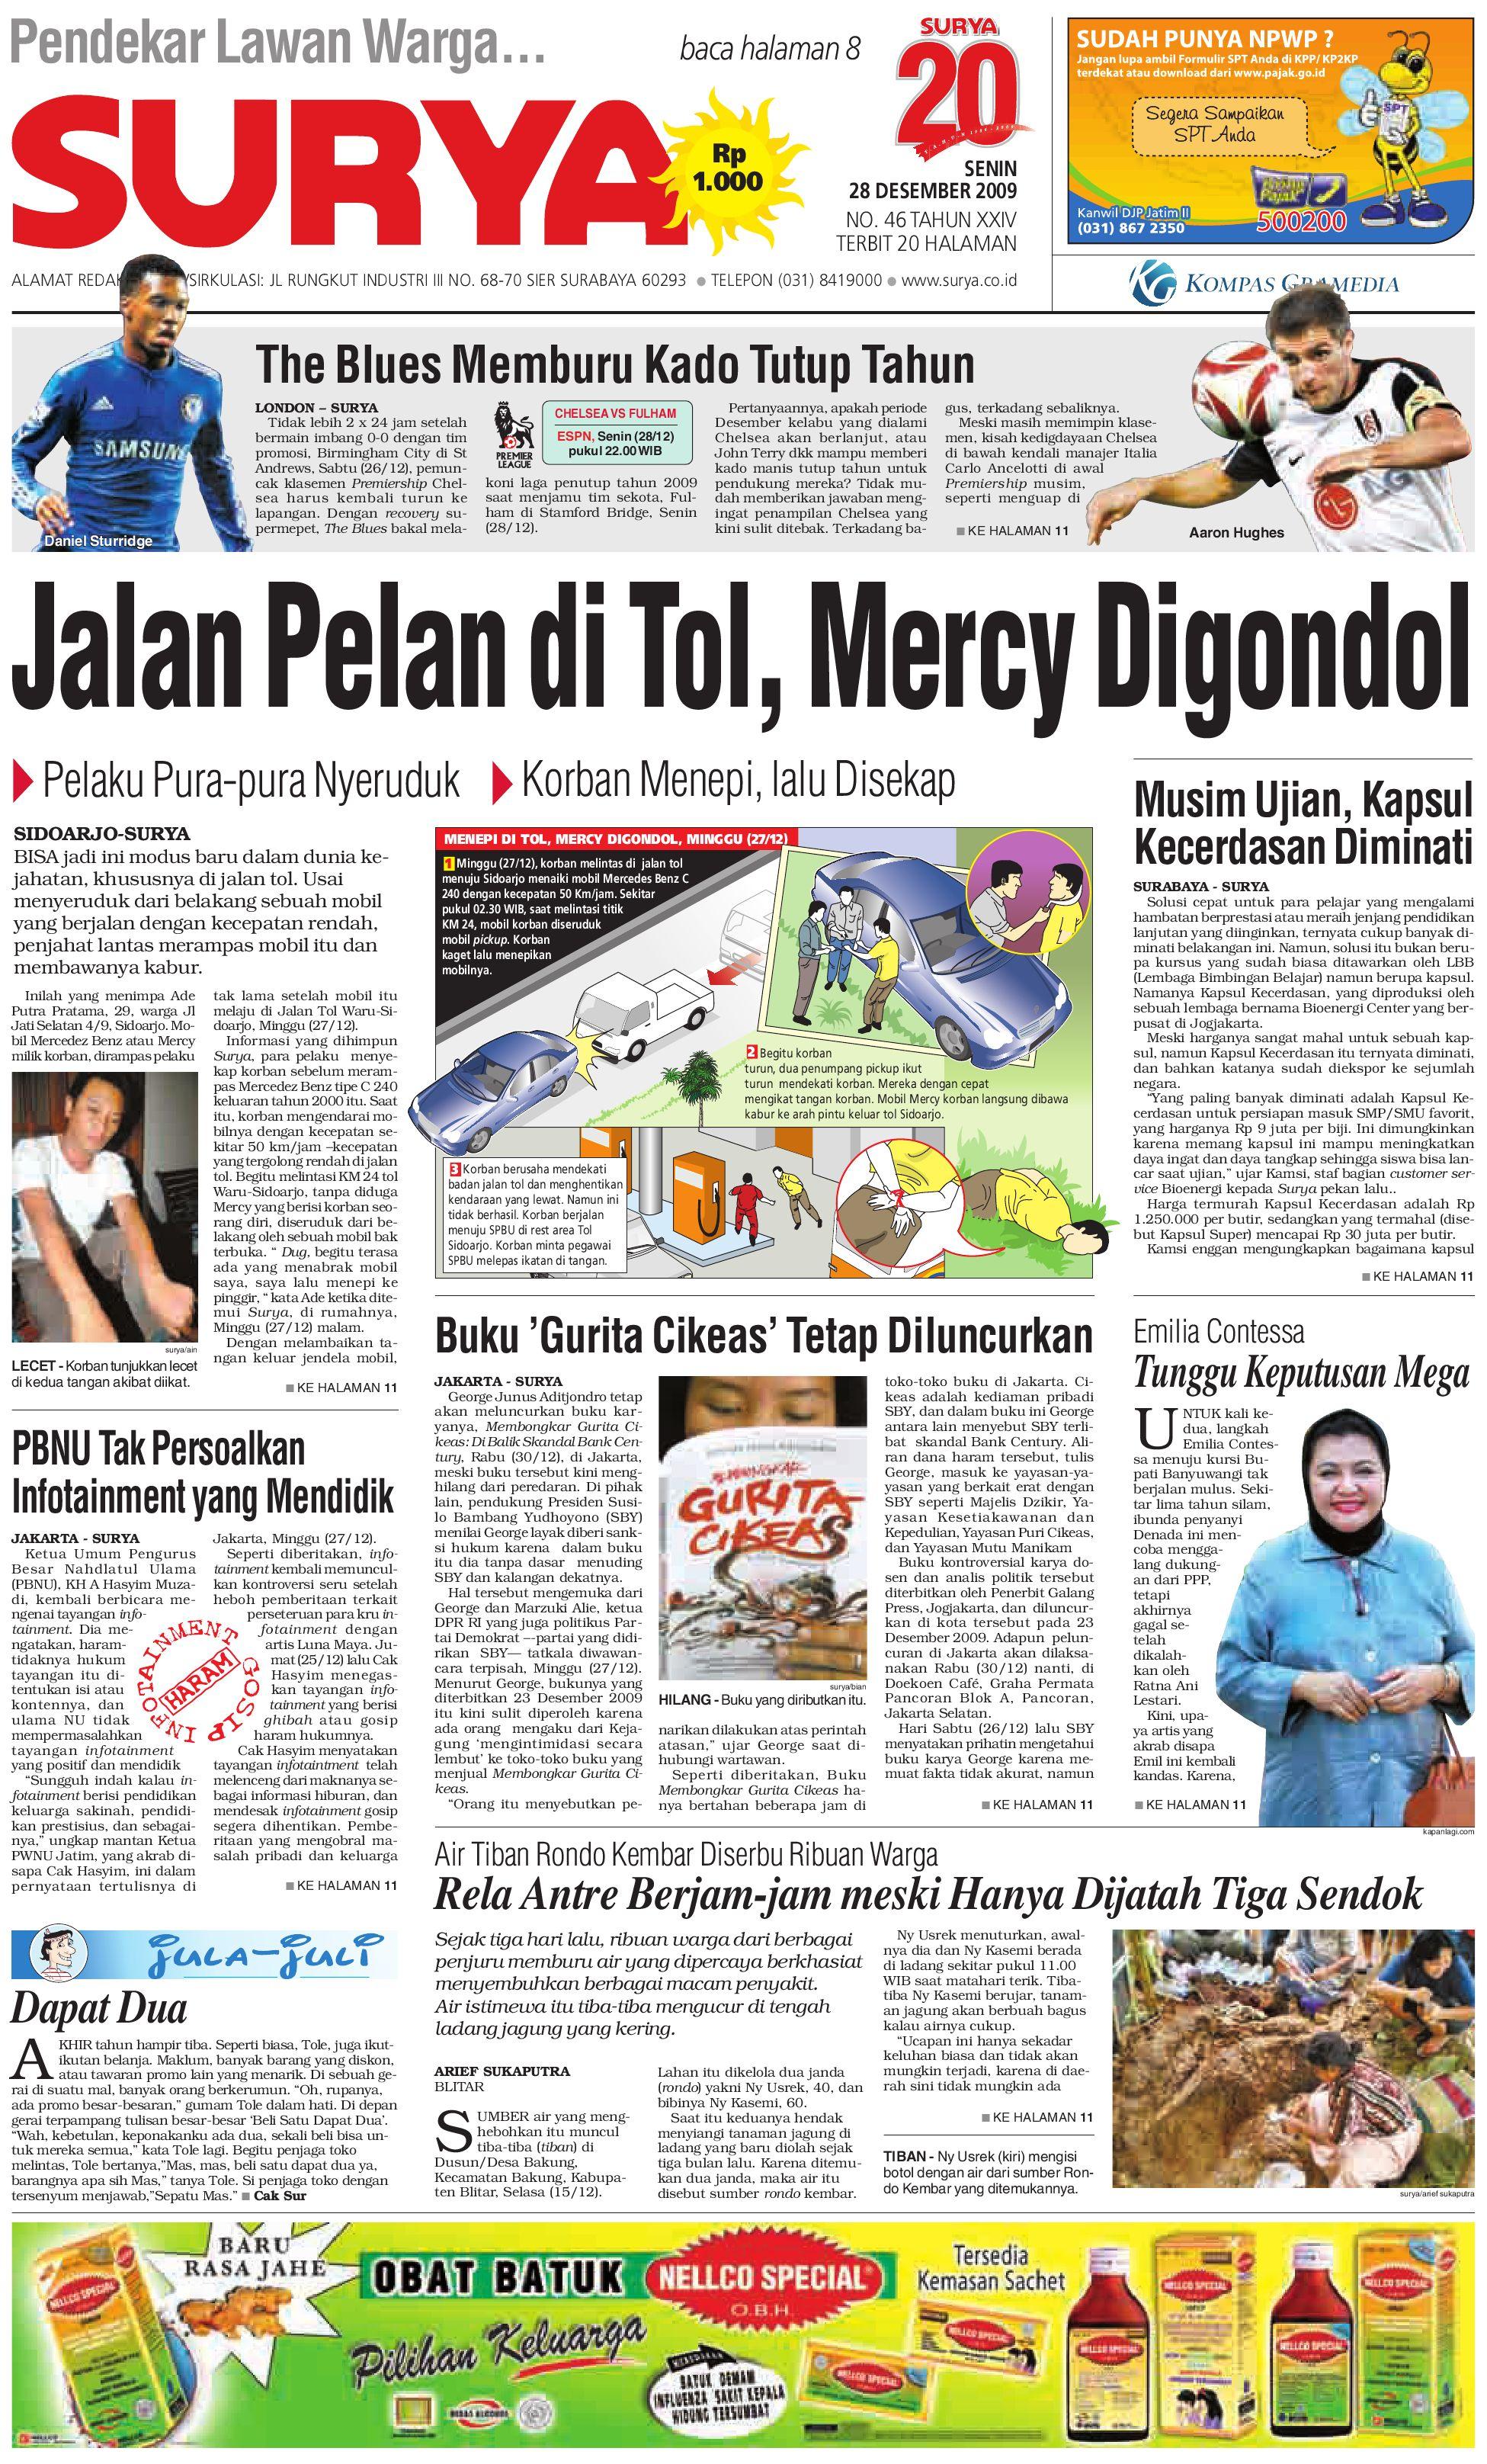 Surya Edisi Cetak 28 Des 2009 by Harian SURYA - issuu 499b4f508d